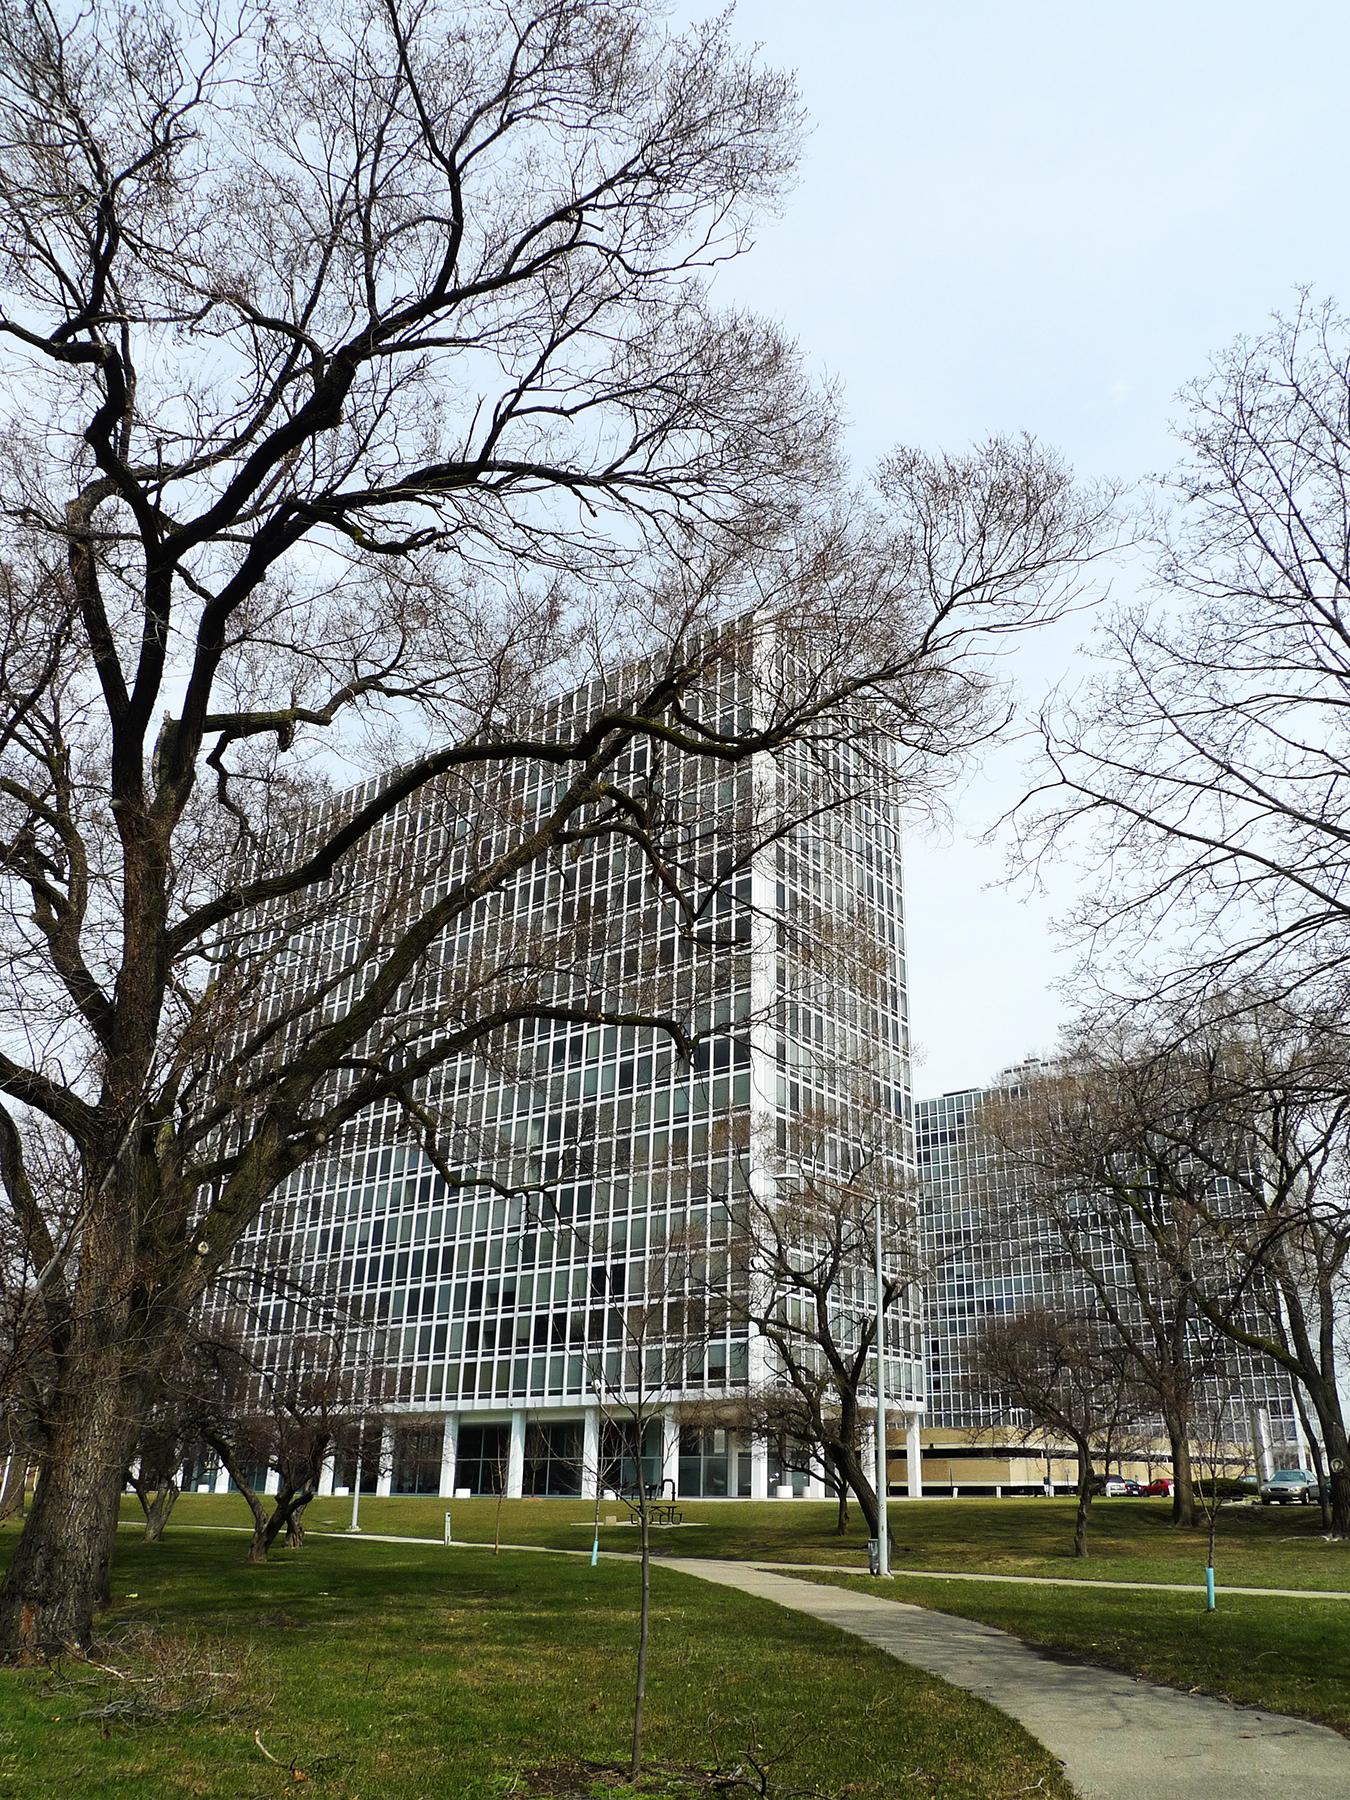 Apartment Tower, Lafayette Park, Detroit, Michigan. [Photo by author]